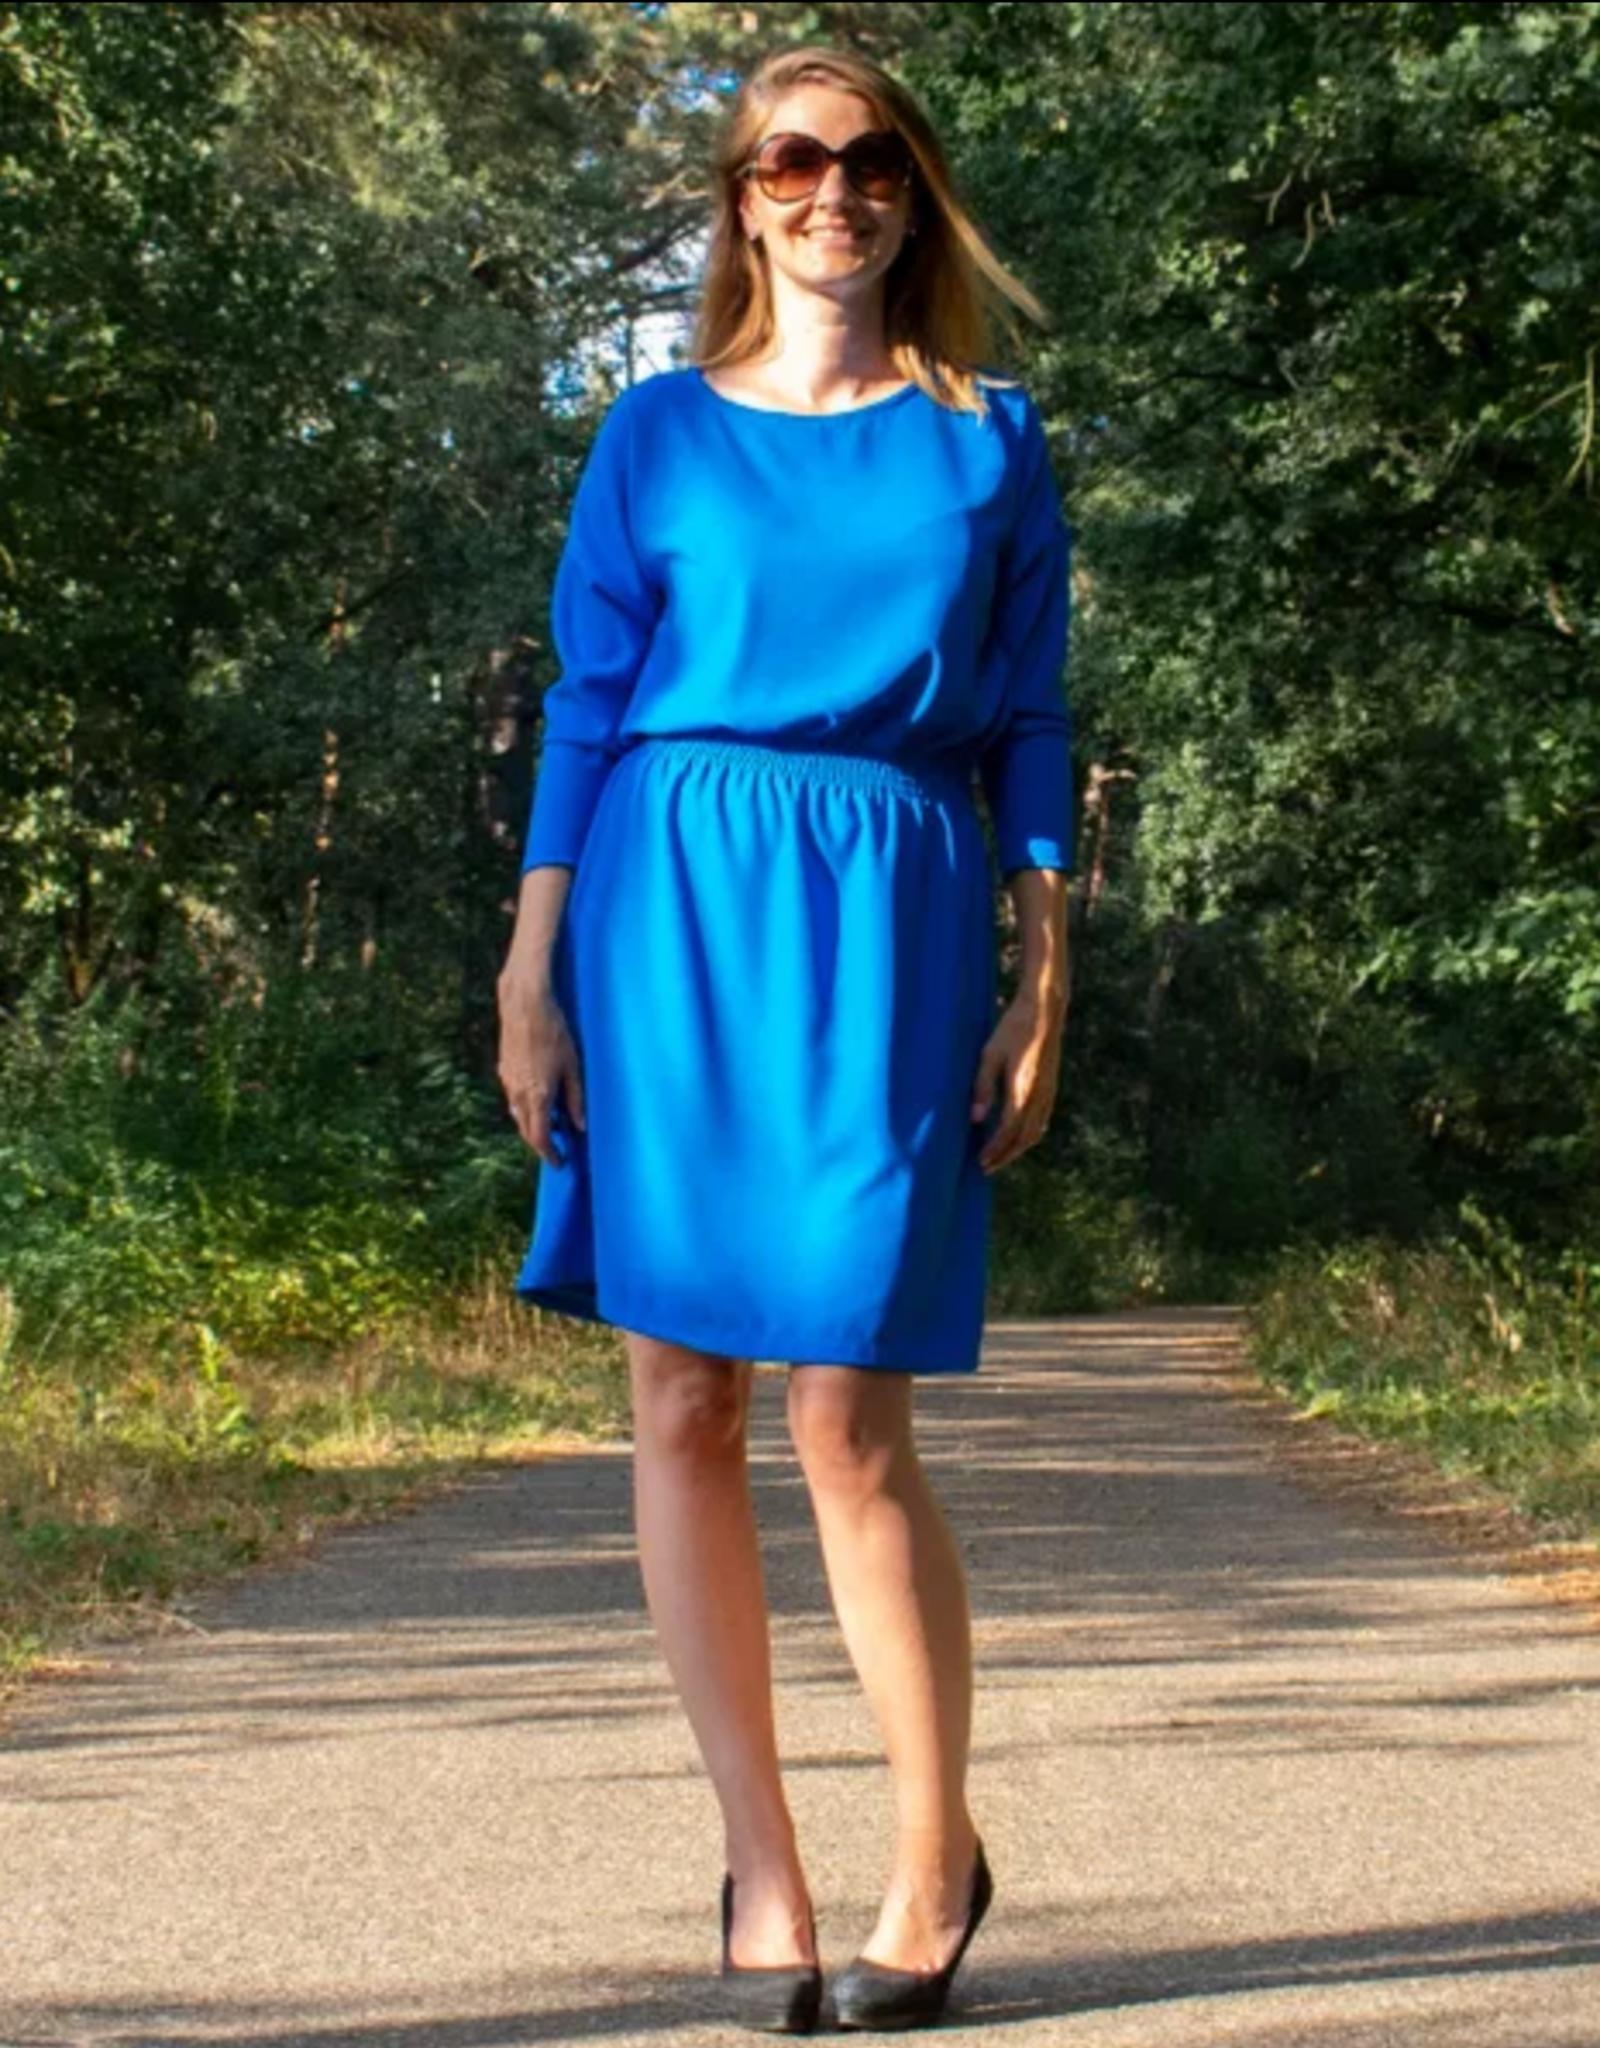 Bel'Etoile Lux jurk - Dames